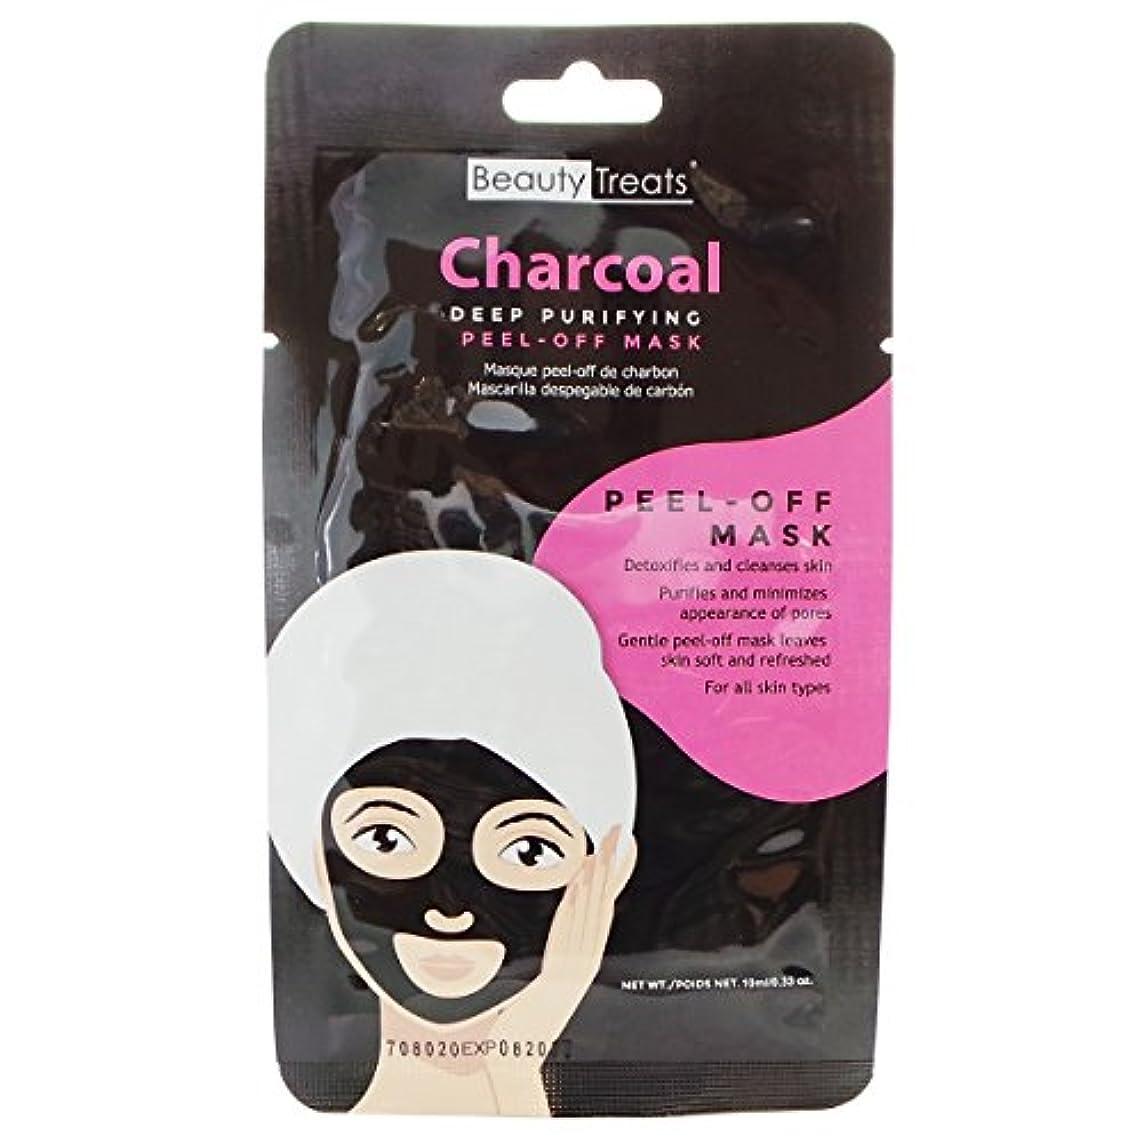 スカーフぬいぐるみ可決BEAUTY TREATS Deep Purifying Peel-Off Charcoal Mask (並行輸入品)